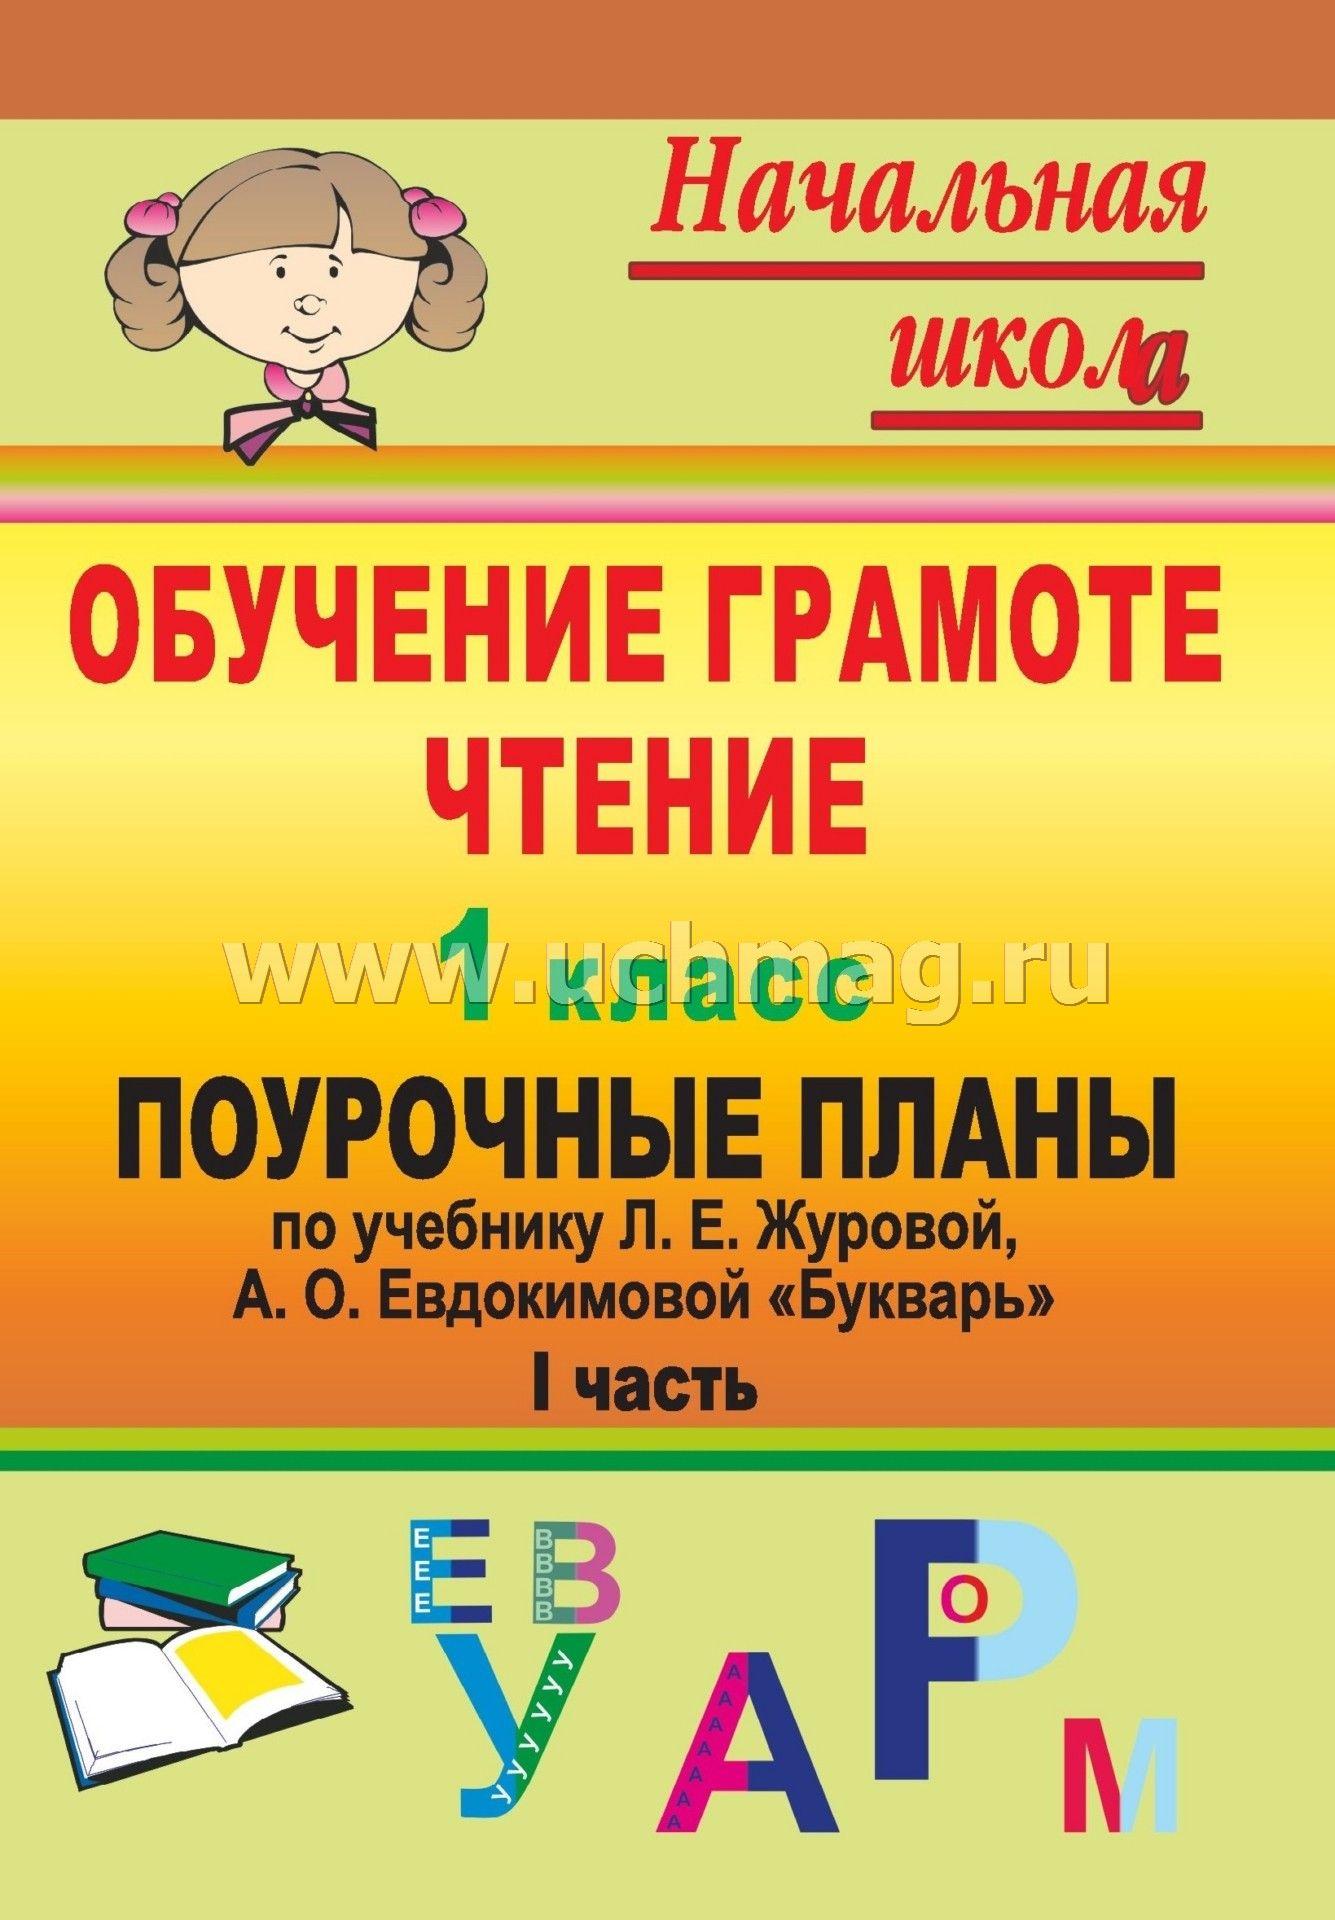 Задание по русскому стр 117 упр 71 3 класс зеленина в картинках часть